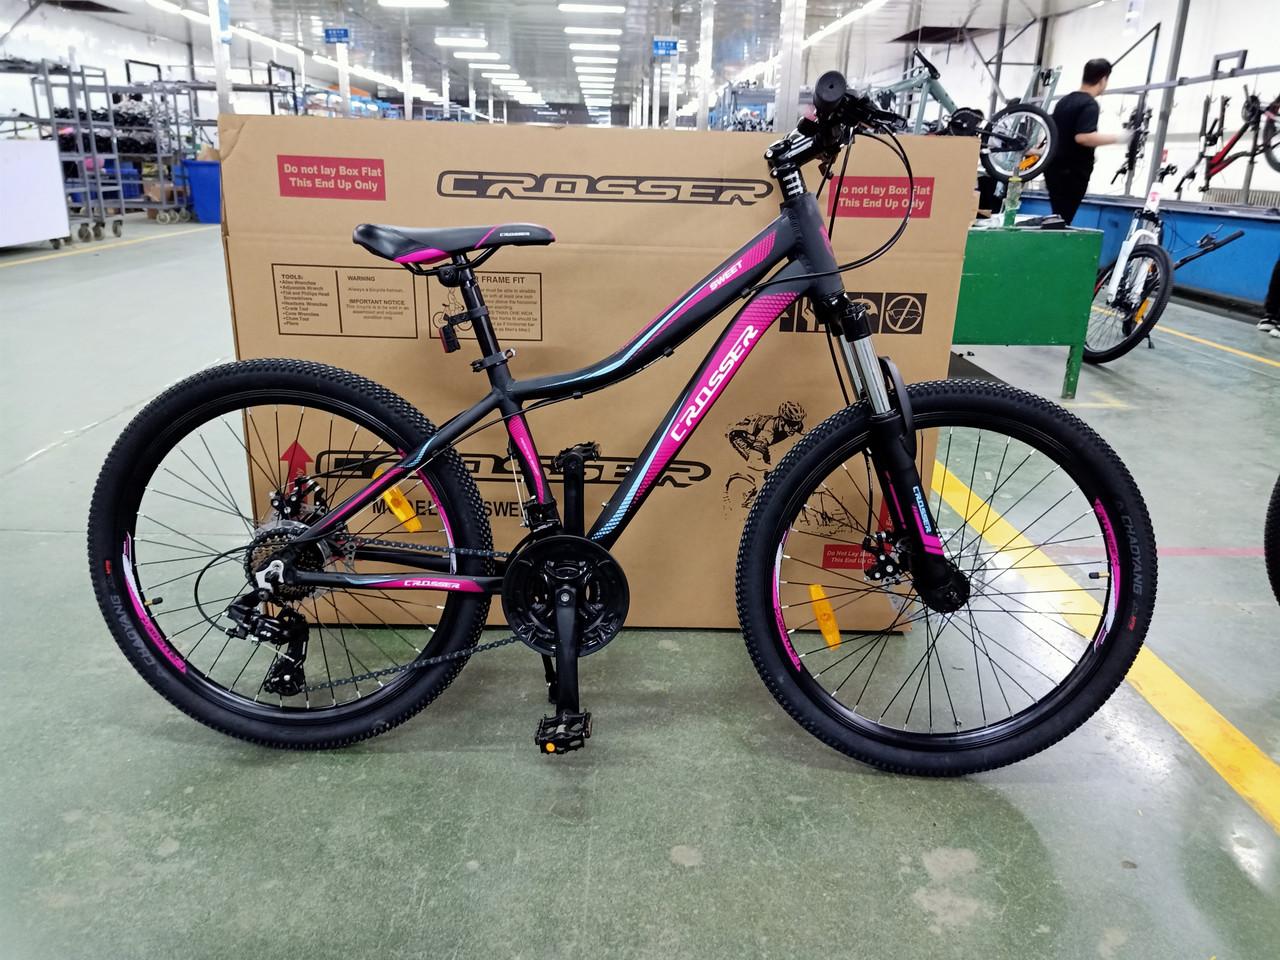 Велосипед CROSSER 24  Sweet 14  2020 года Черный \ Розовый цвет